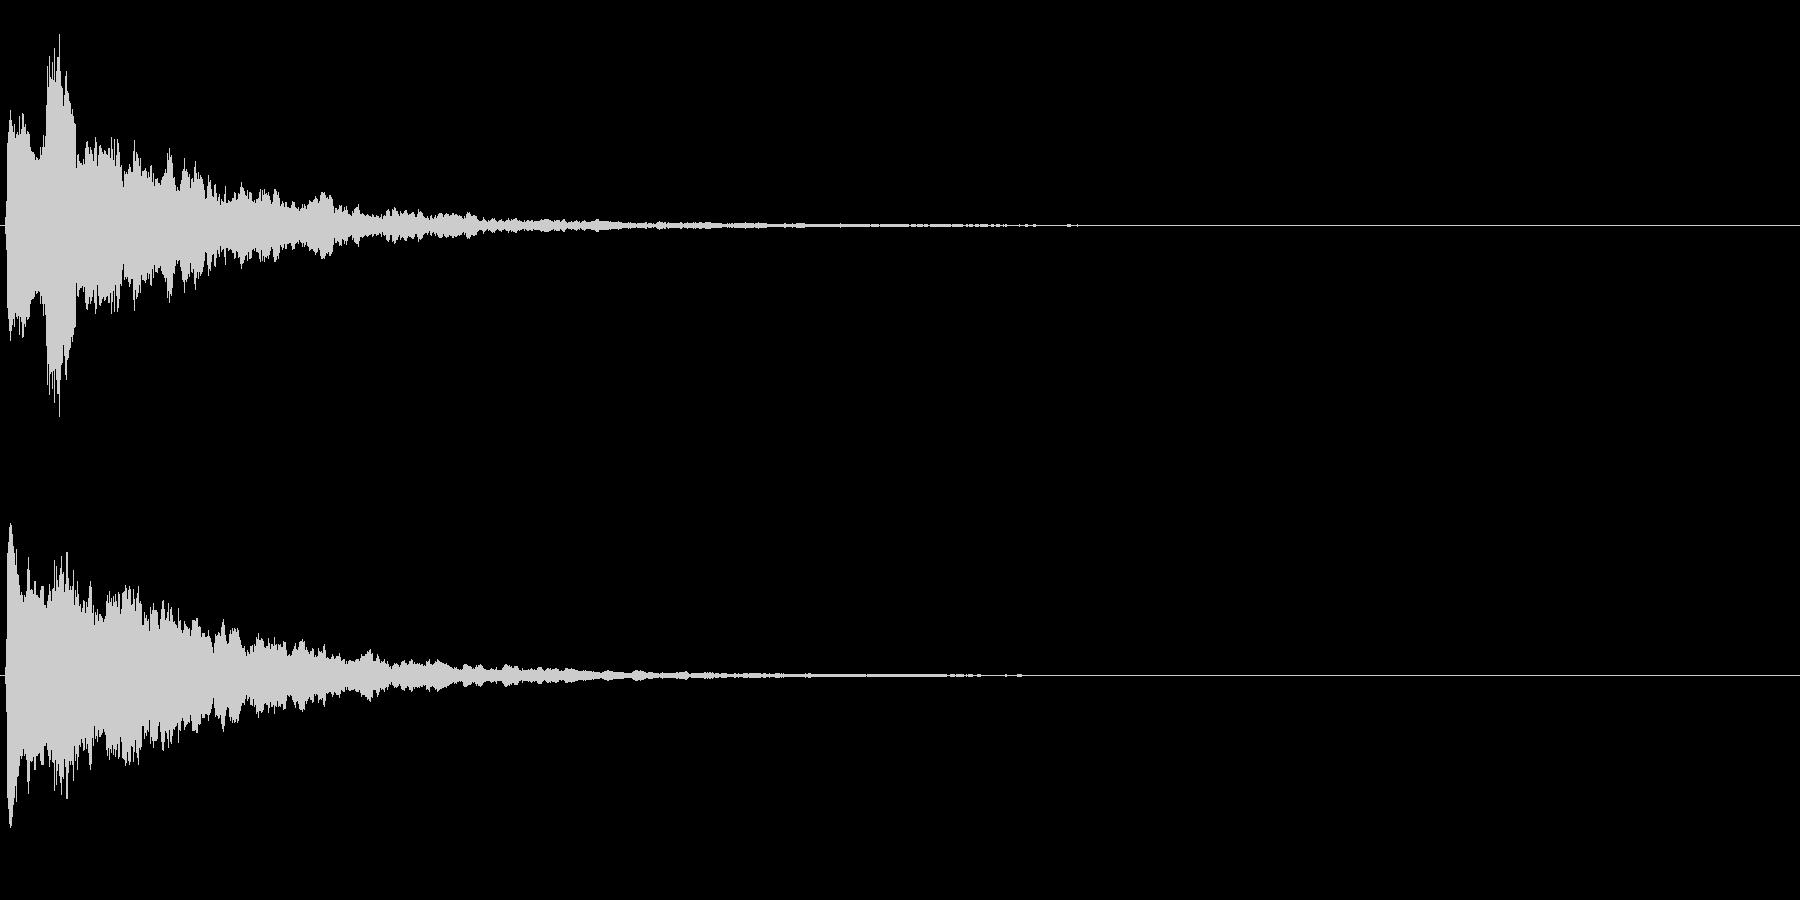 ゲームスタート、決定、ボタン音-057の未再生の波形